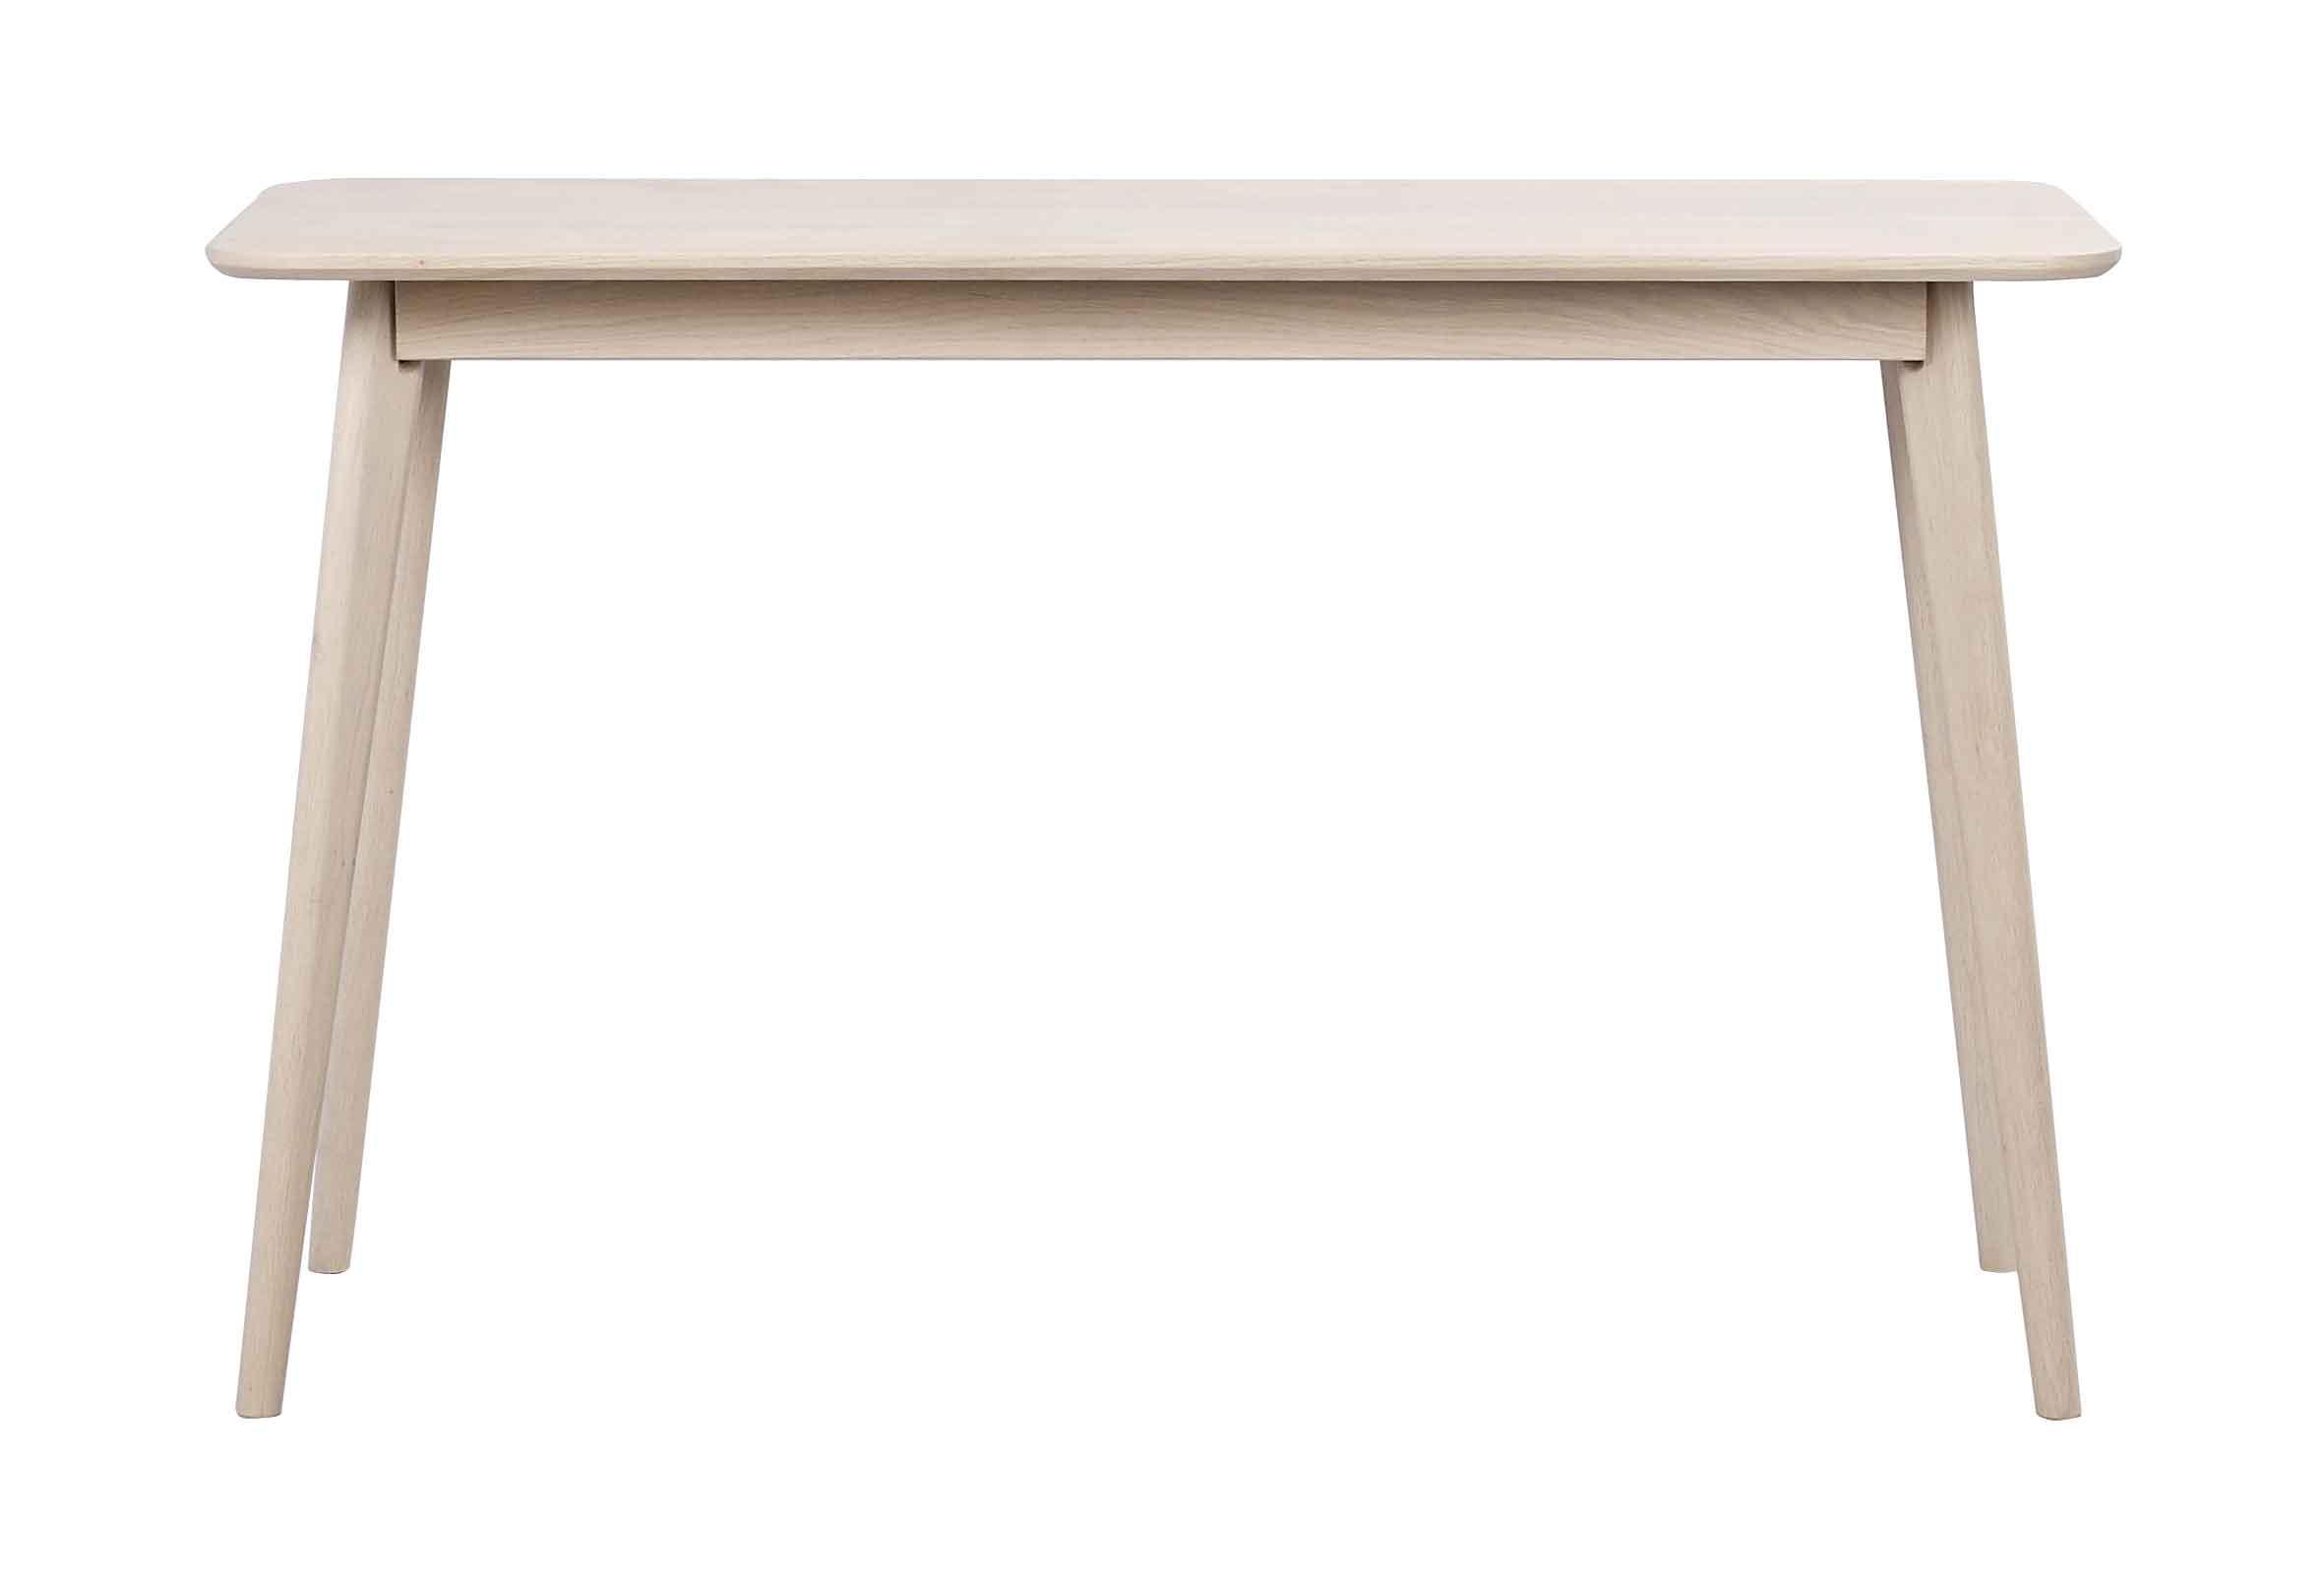 Yumi konsolbord - hvidpigmenteret egetræ